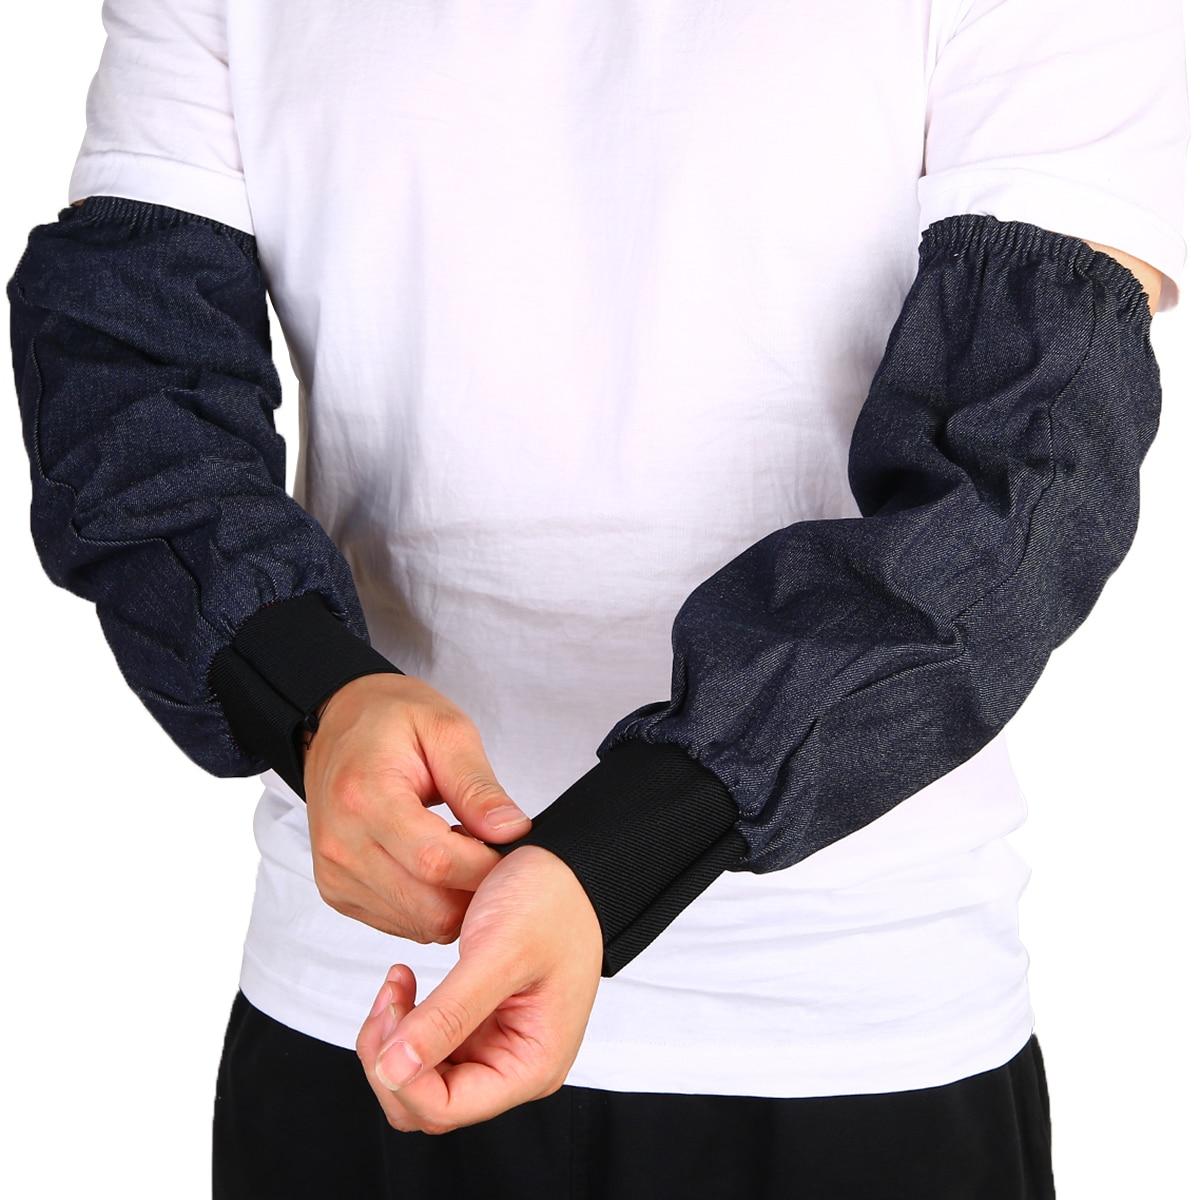 1 Pair Welder Lengthen Arm Protective Sleeves Denim Blue Welding Arm Sleeves Working Sleeves Cut Resistant Heat Protection